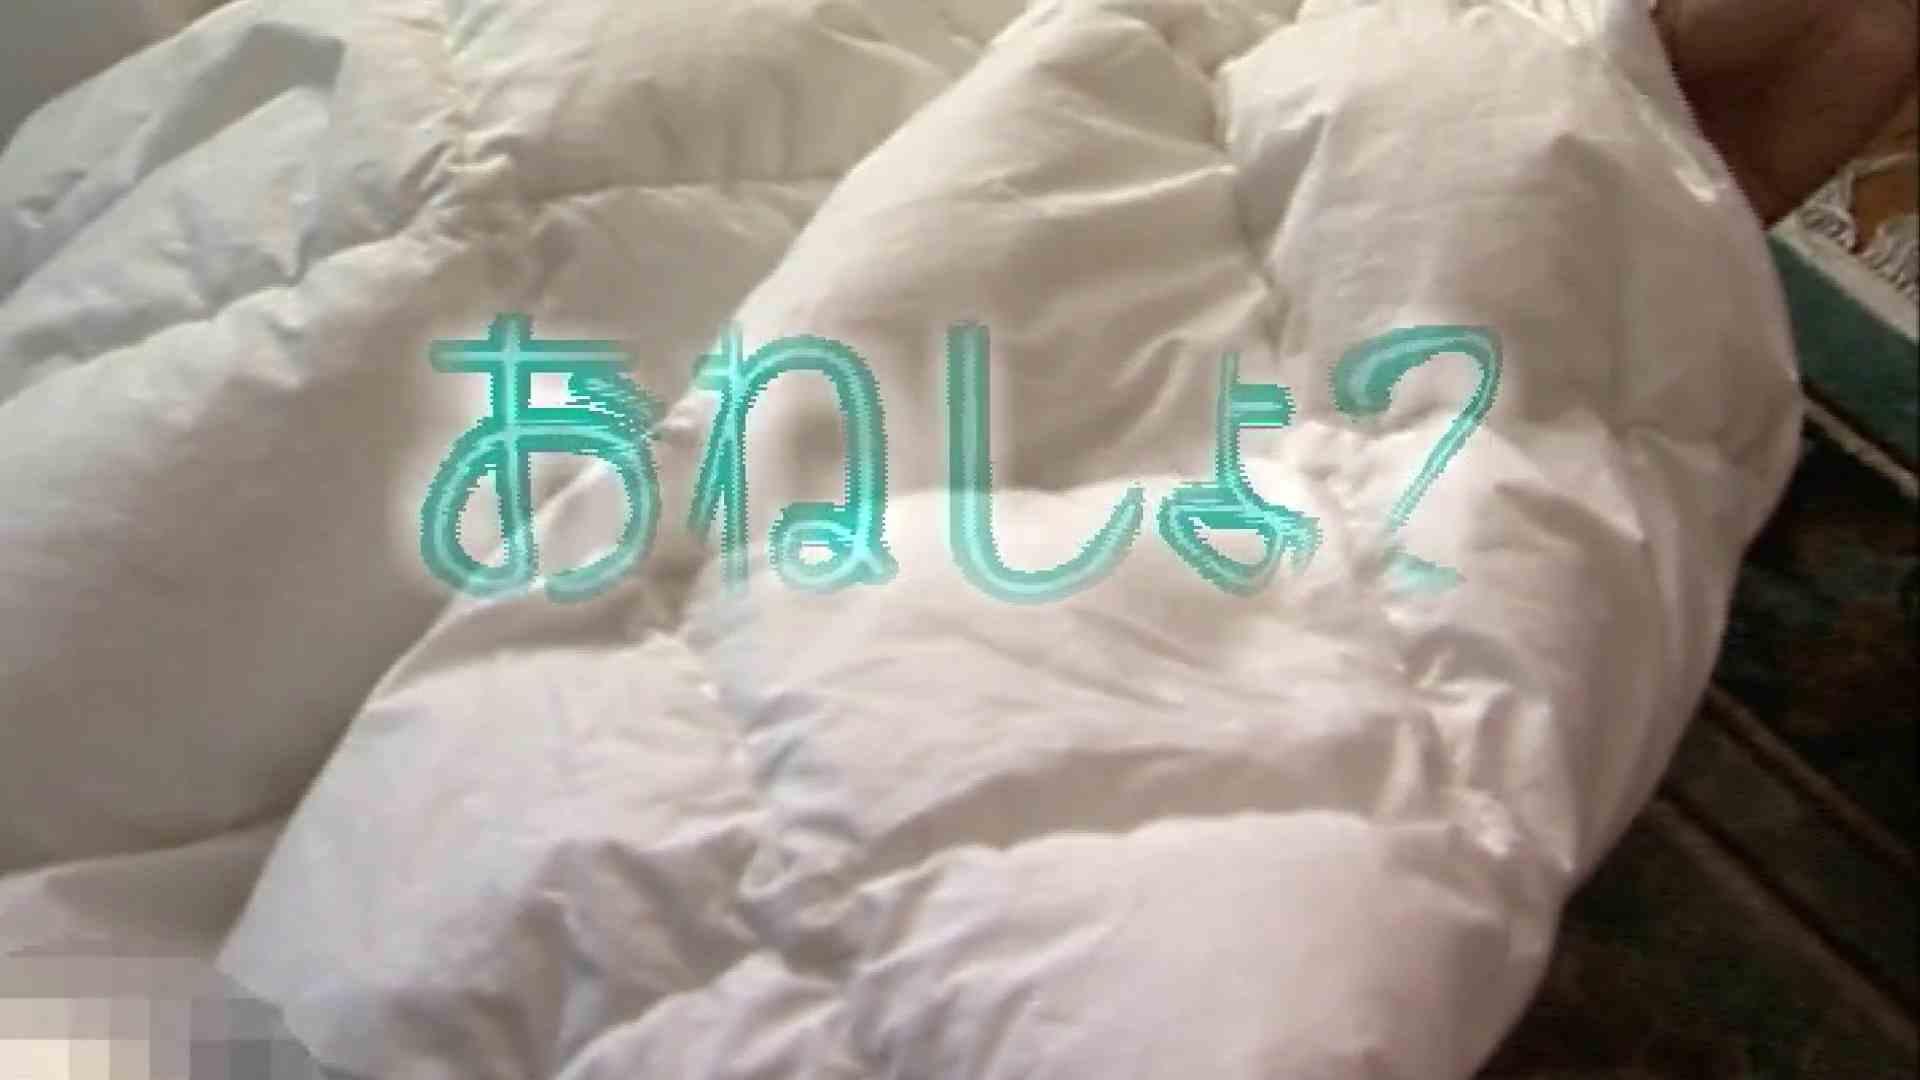 イケイケMEN'SCLUB vol.16前編 フェラ天国 | 口内に発射 ゲイ素人エロ画像 108pic 1